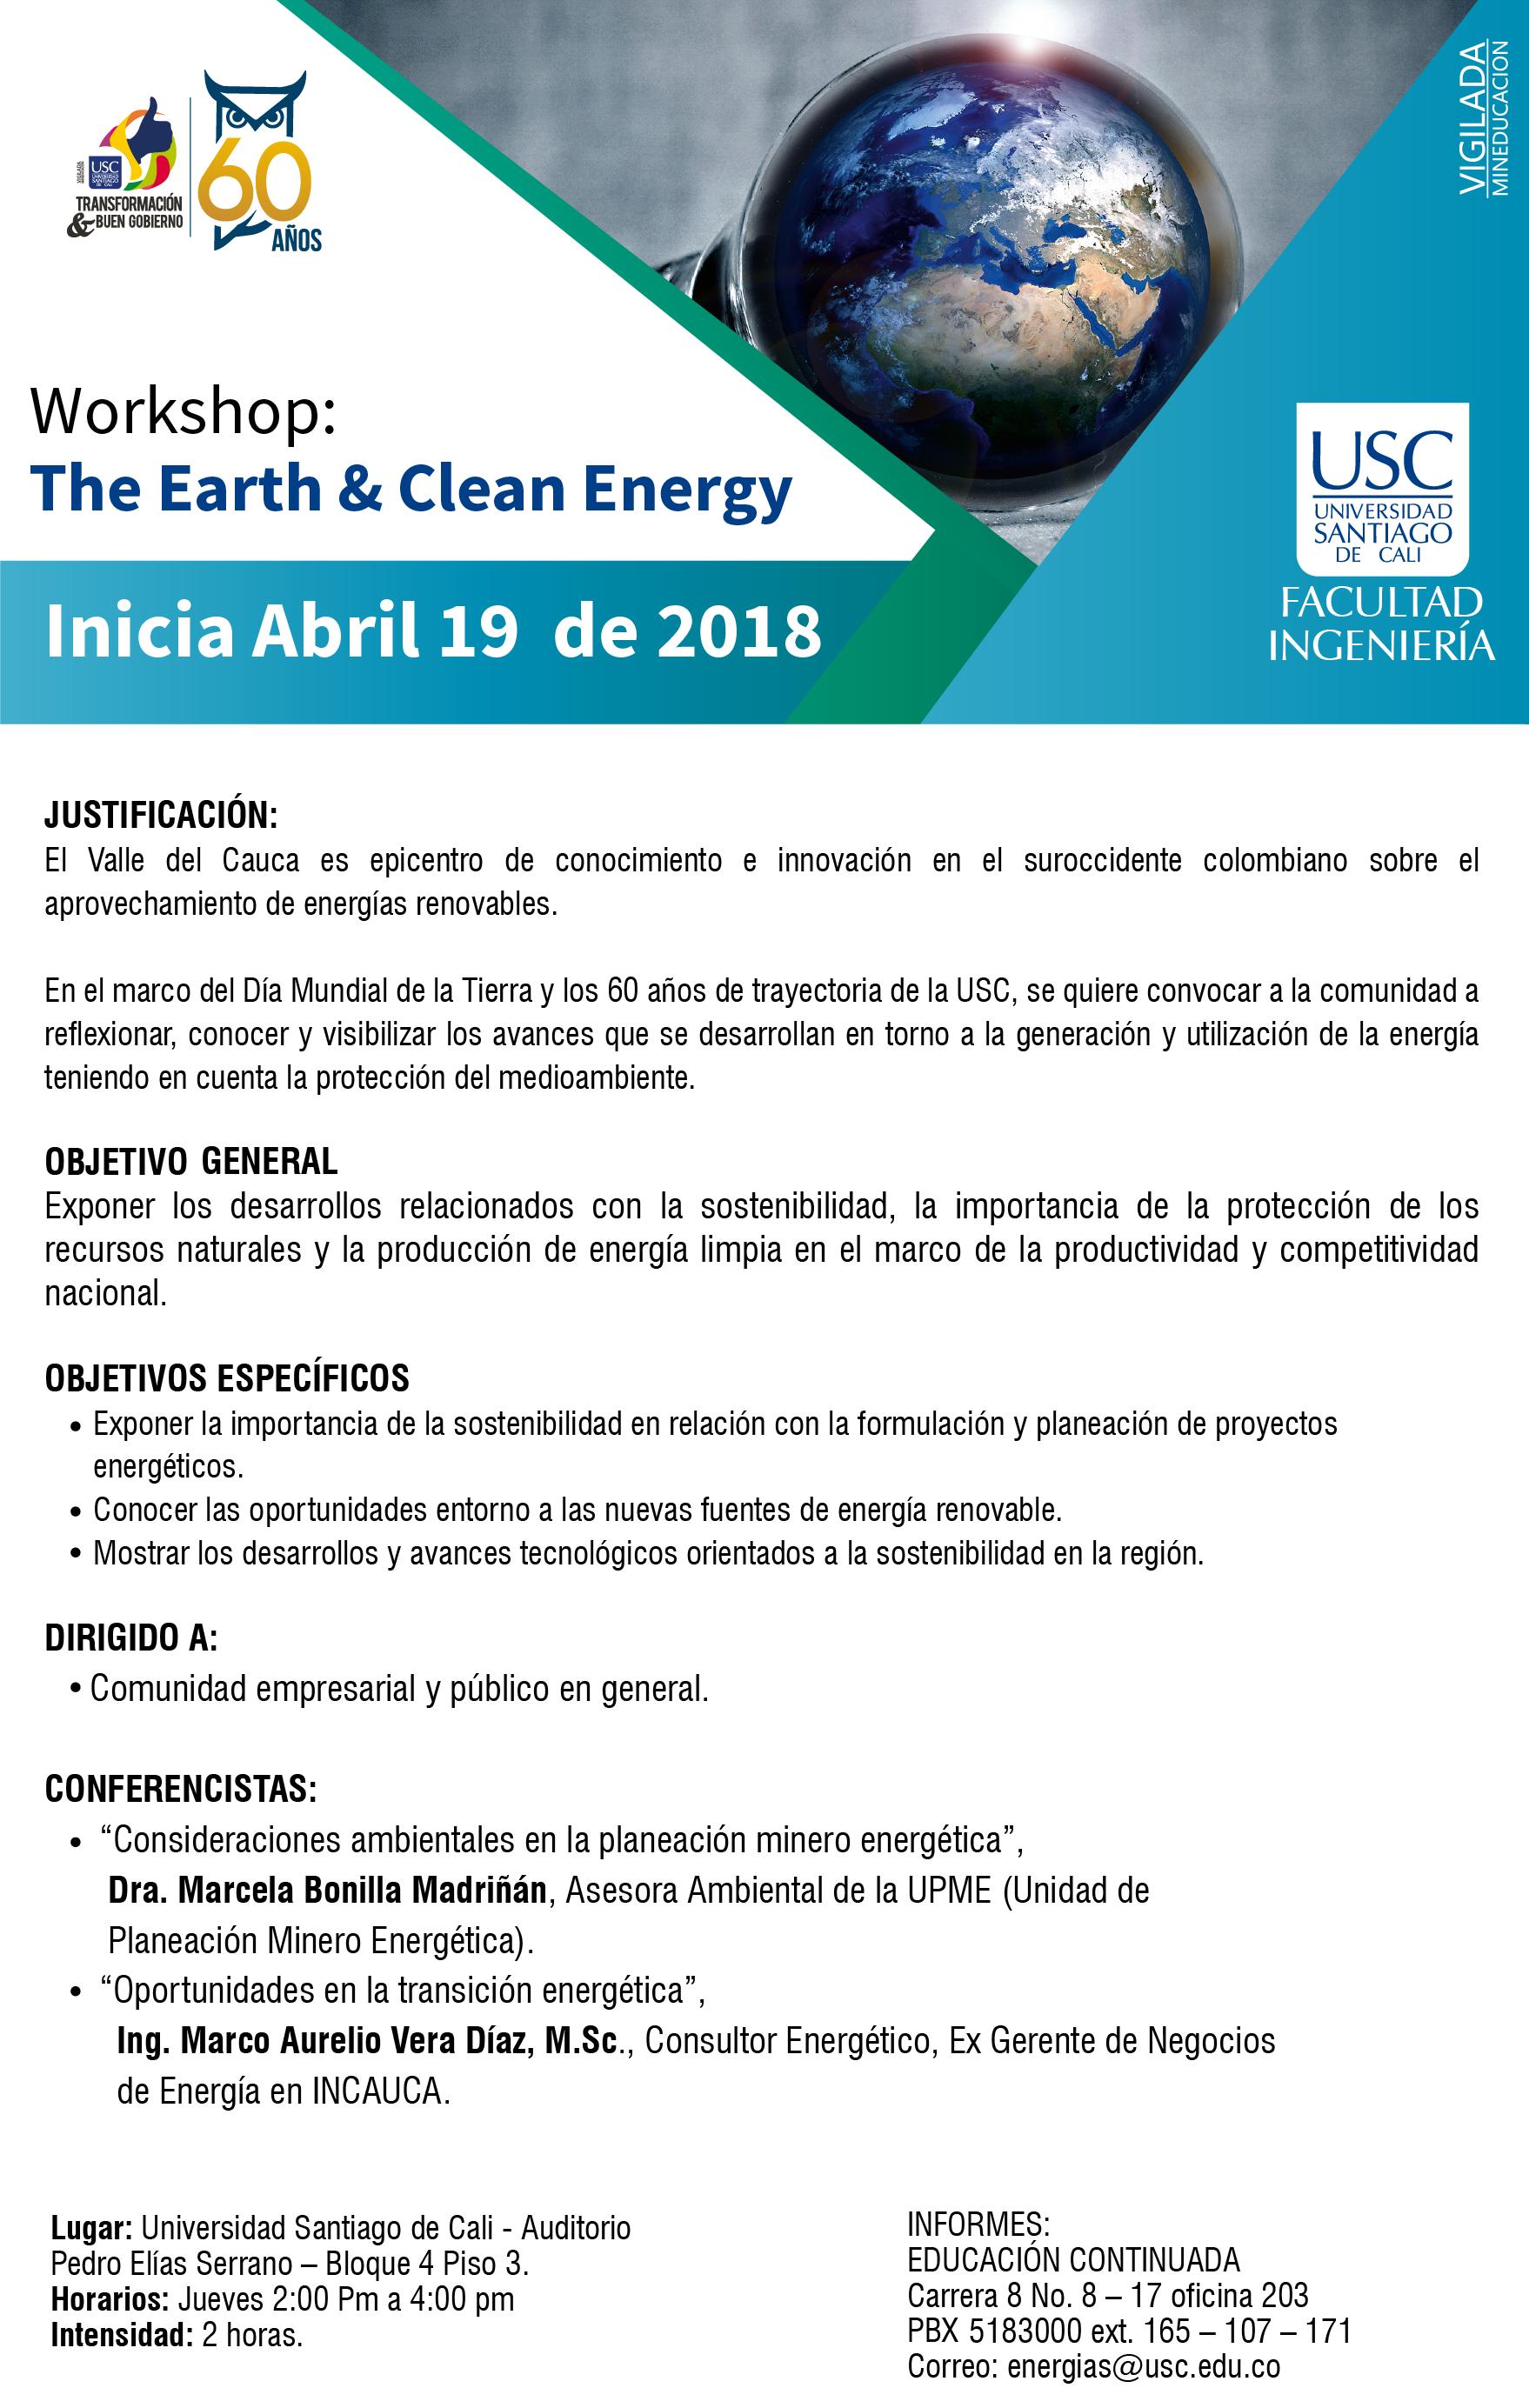 VISTO BUENO FICHA THE EARTH  CLEAN ENERGY 19 ABRIL